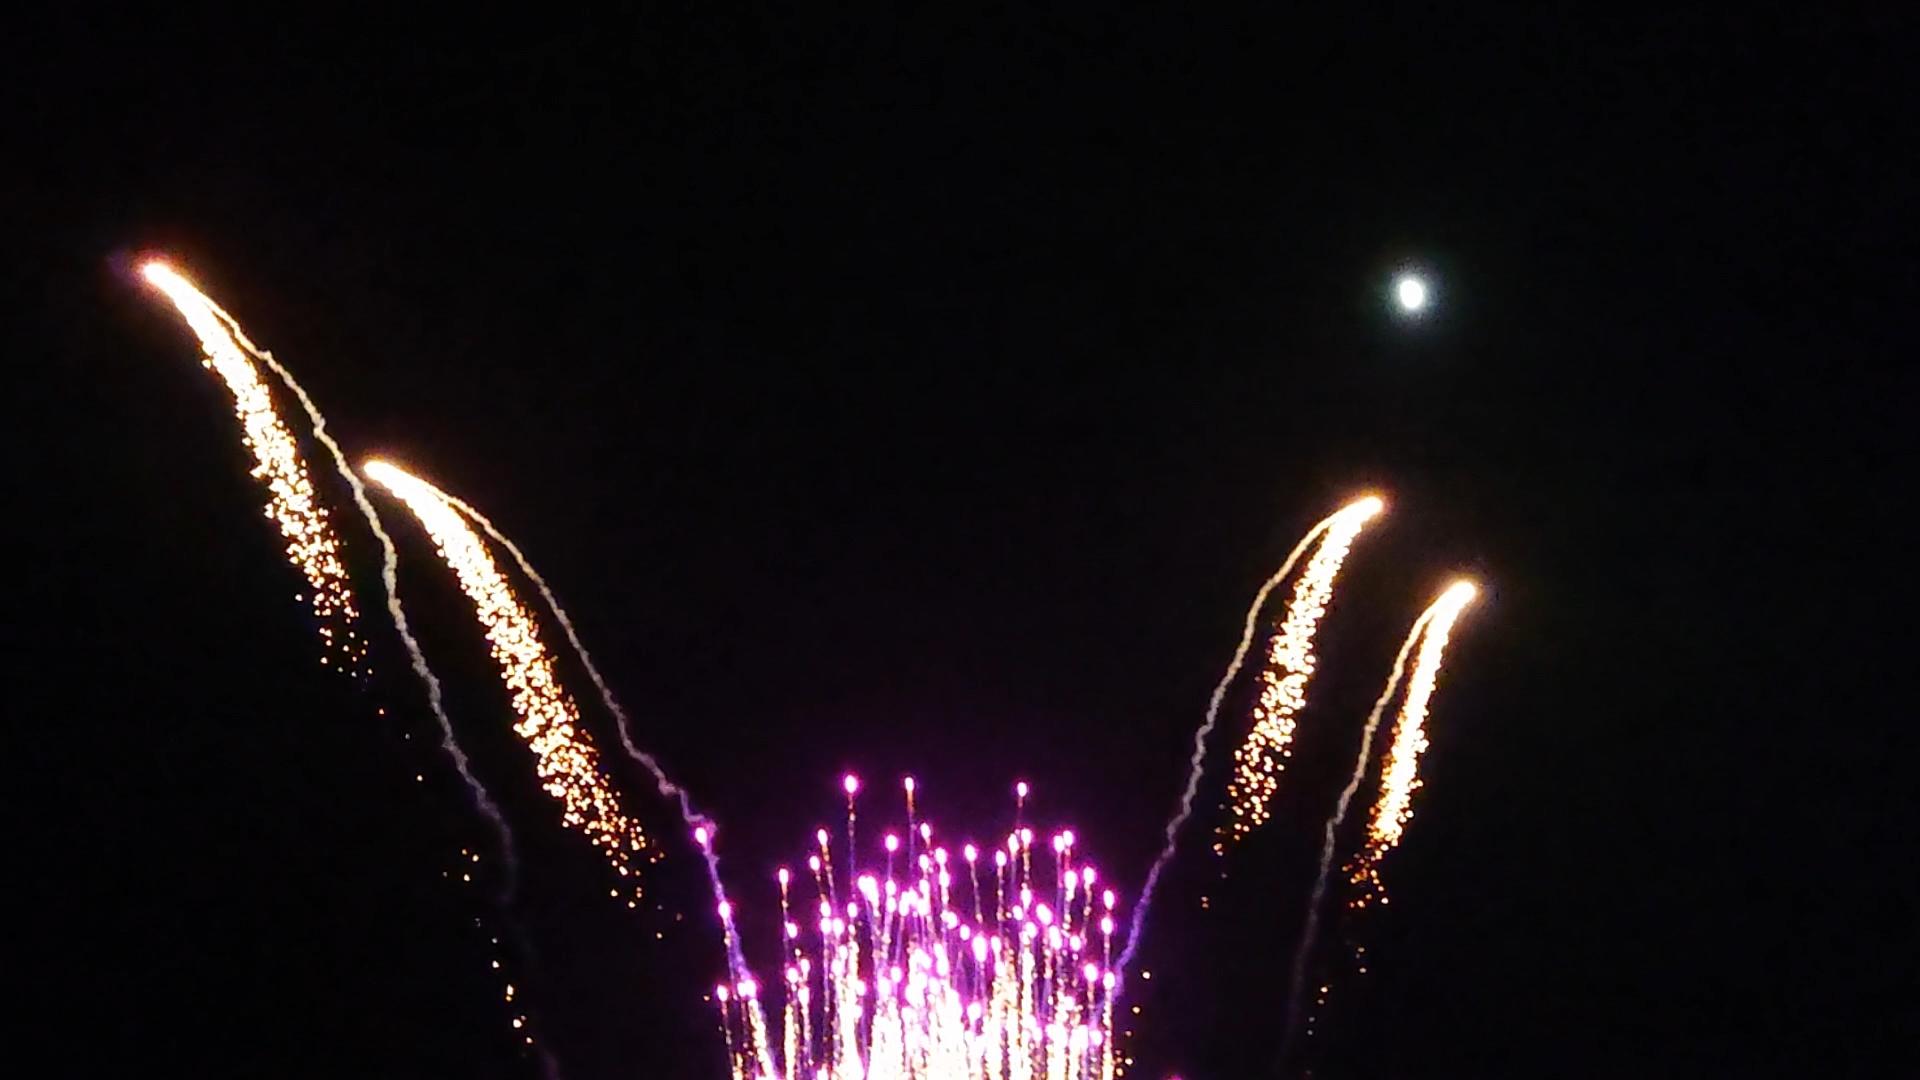 夜空に輝く光***_e0290872_23192512.jpg